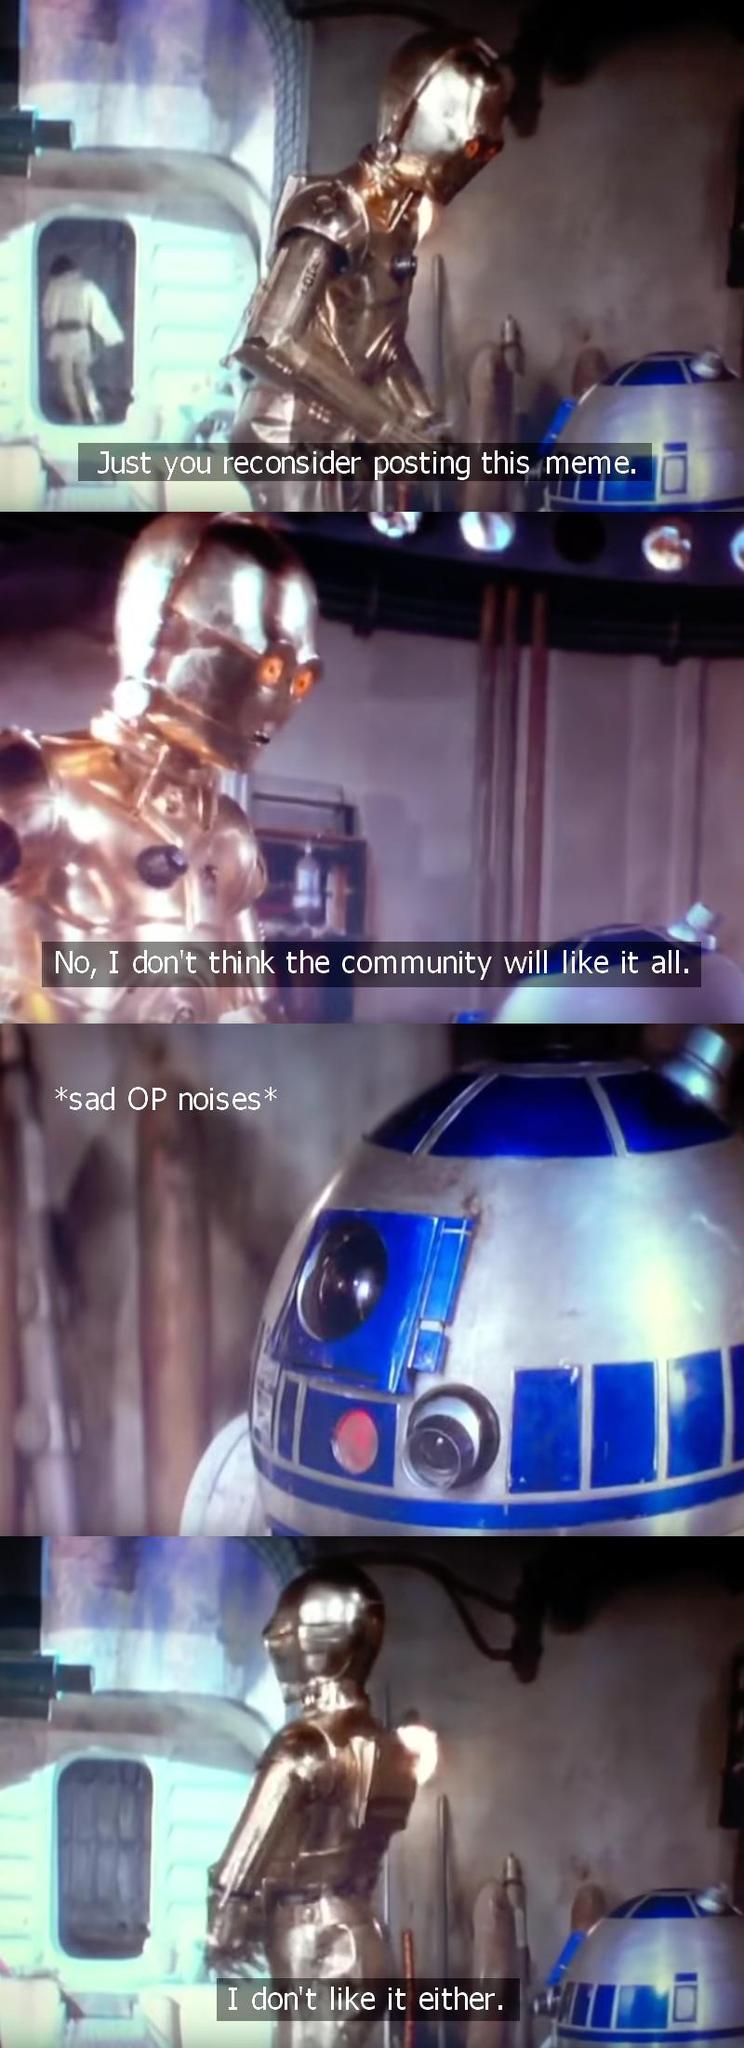 *sad OP noises* - meme